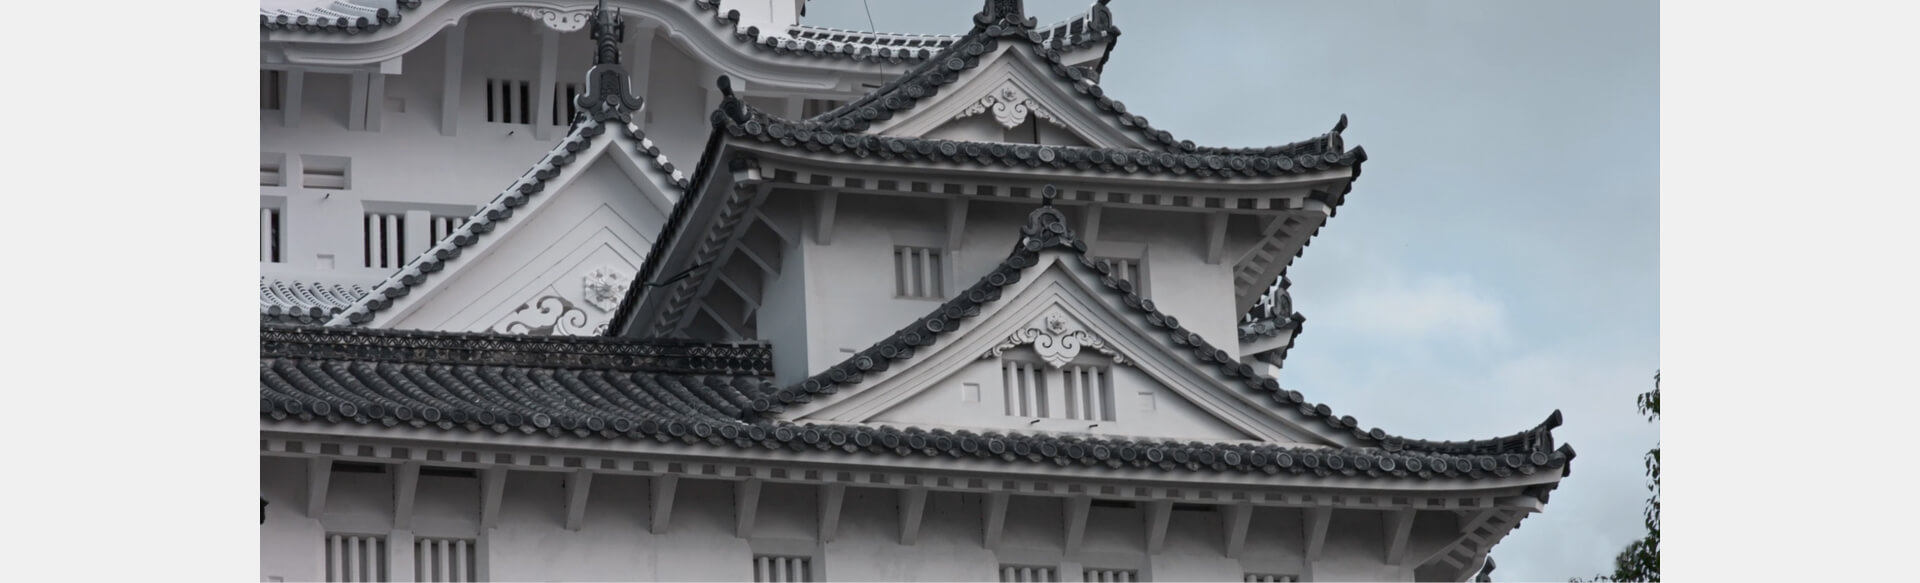 JAPAN_TOUR_SEMPLICE_1920_Wb01_10